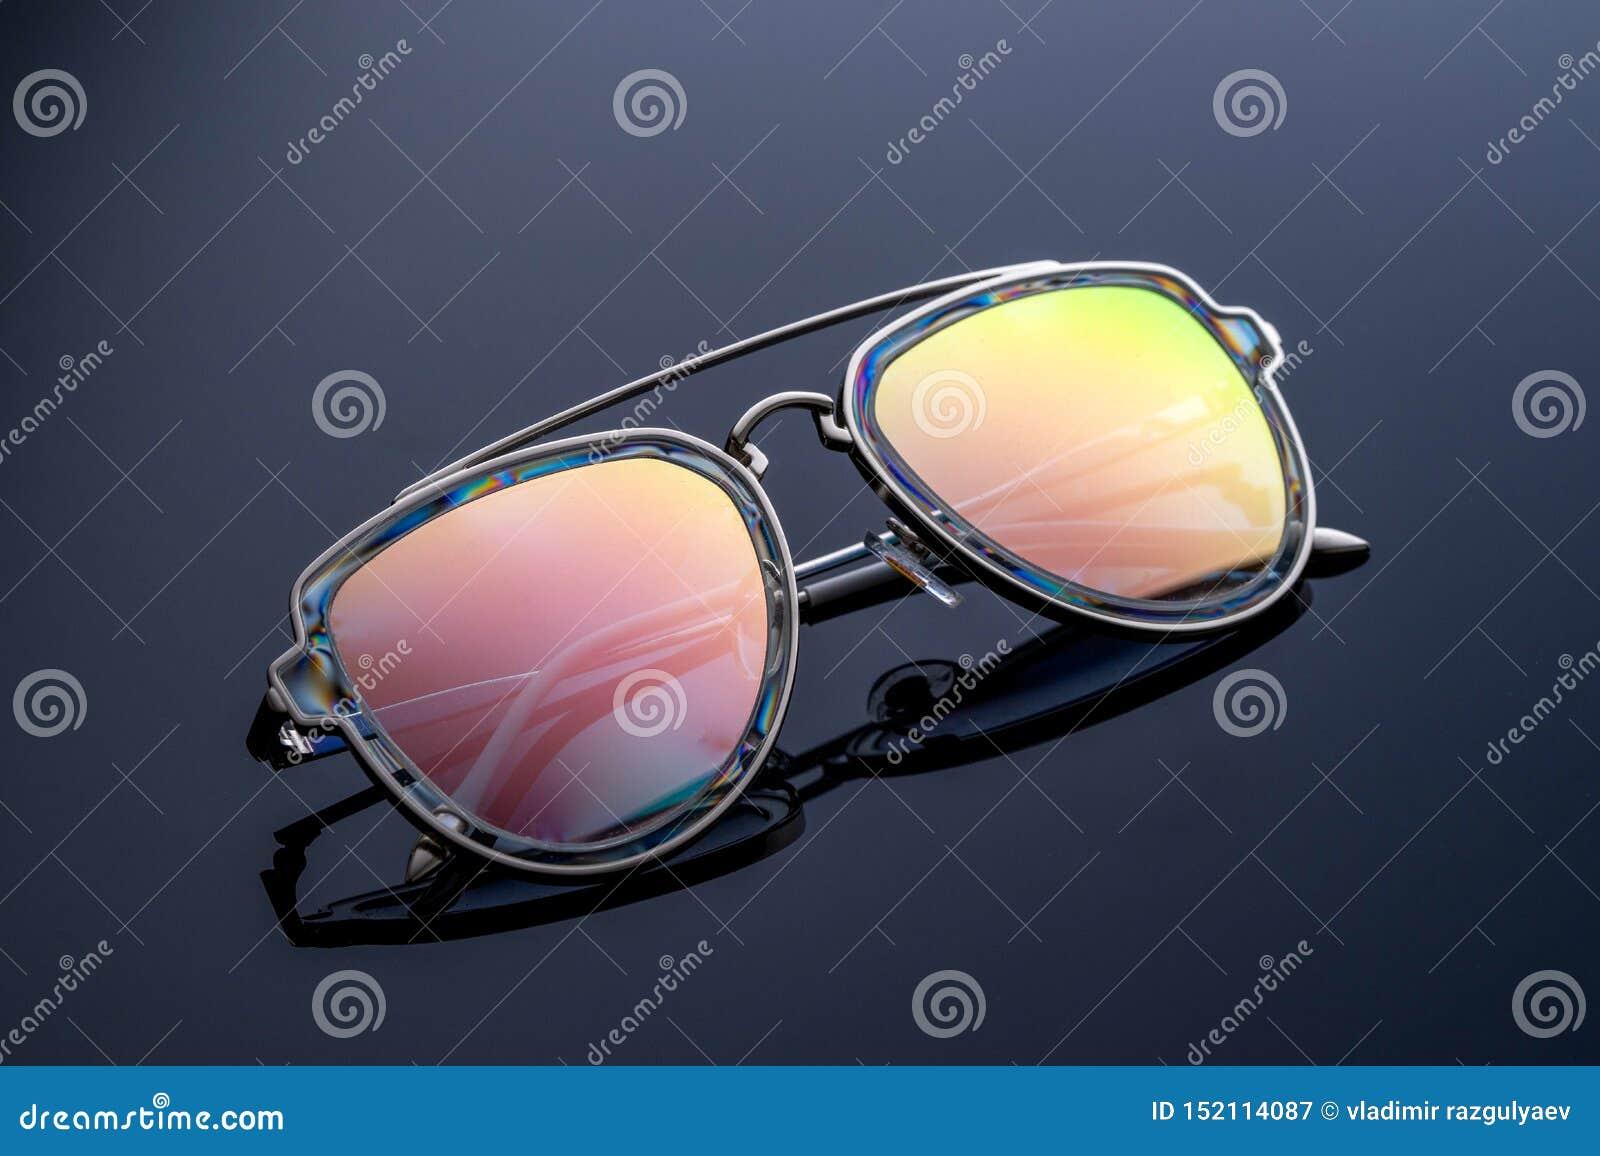 Gli occhiali da sole, colore del camaleonte, luccicano al sole Fondo scuro di pendenza